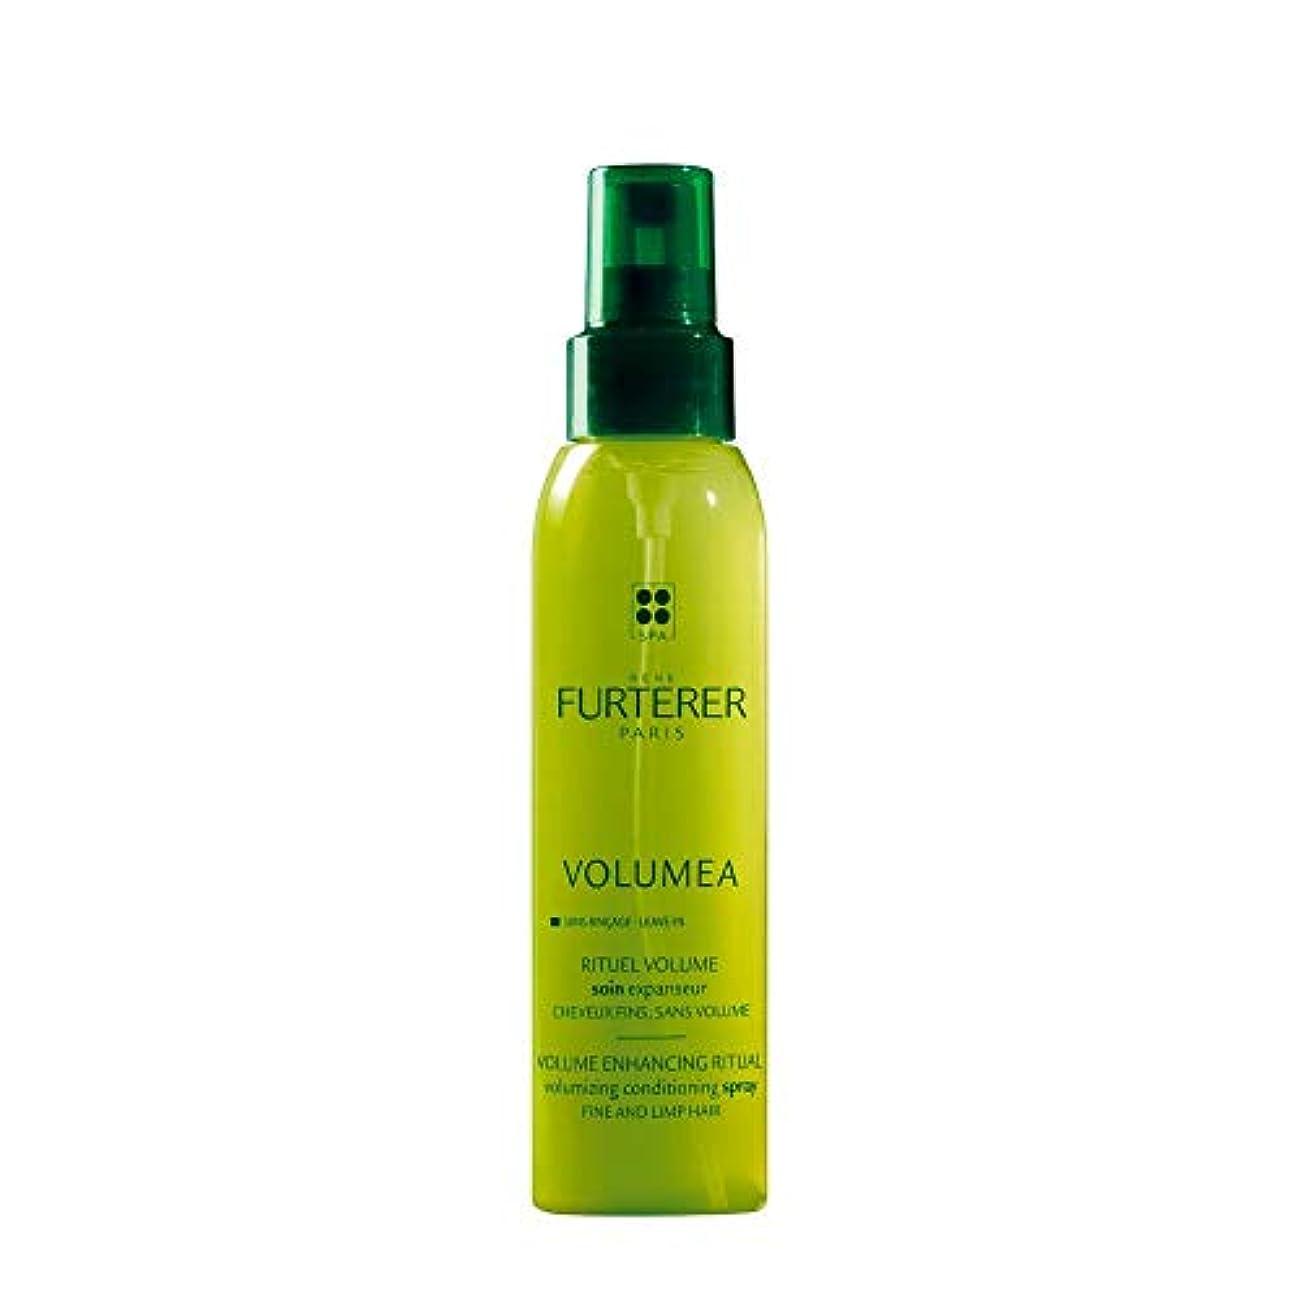 トリップスパイラル誰かルネ フルトレール Volumea Volume Enhancing Ritual Volumizing Conditioning Spray (Fine and Limp Hair) 125ml/4.2oz並行輸入品